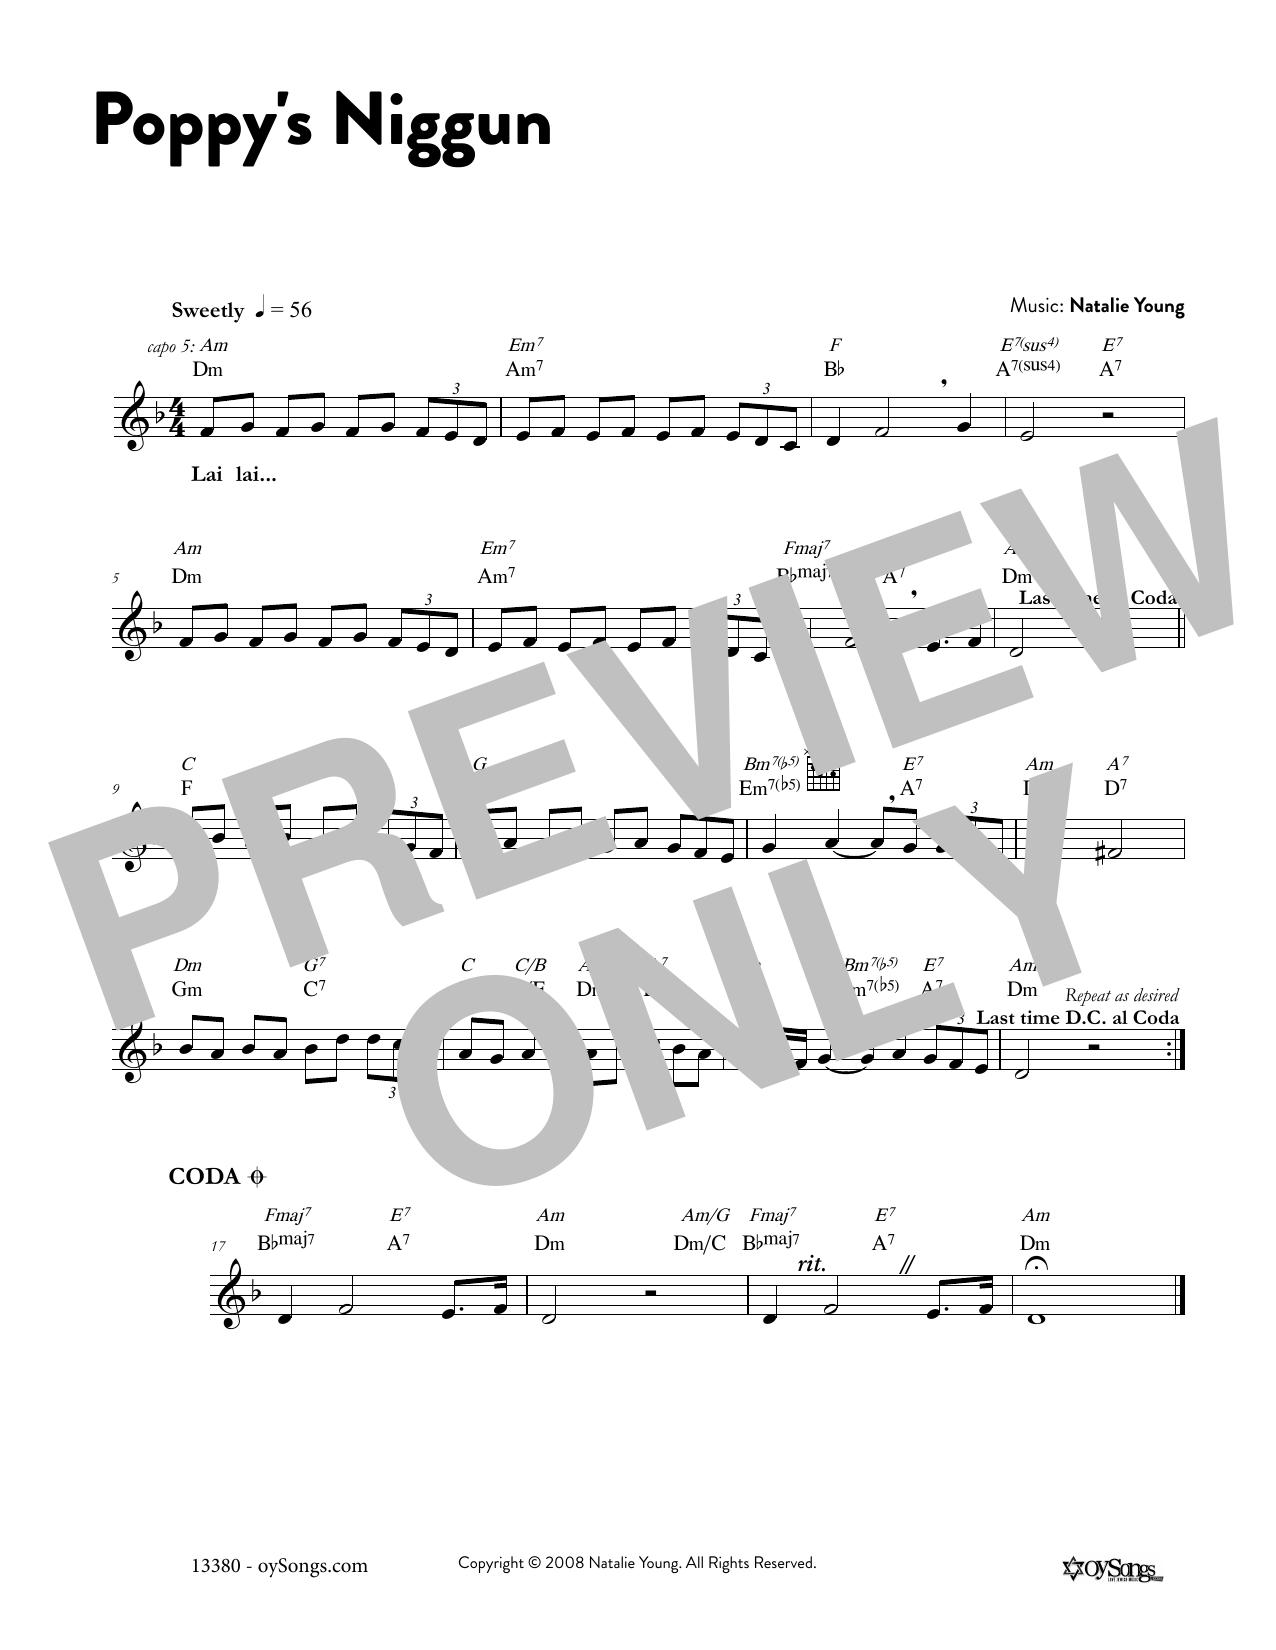 Poppy's Niggun Sheet Music